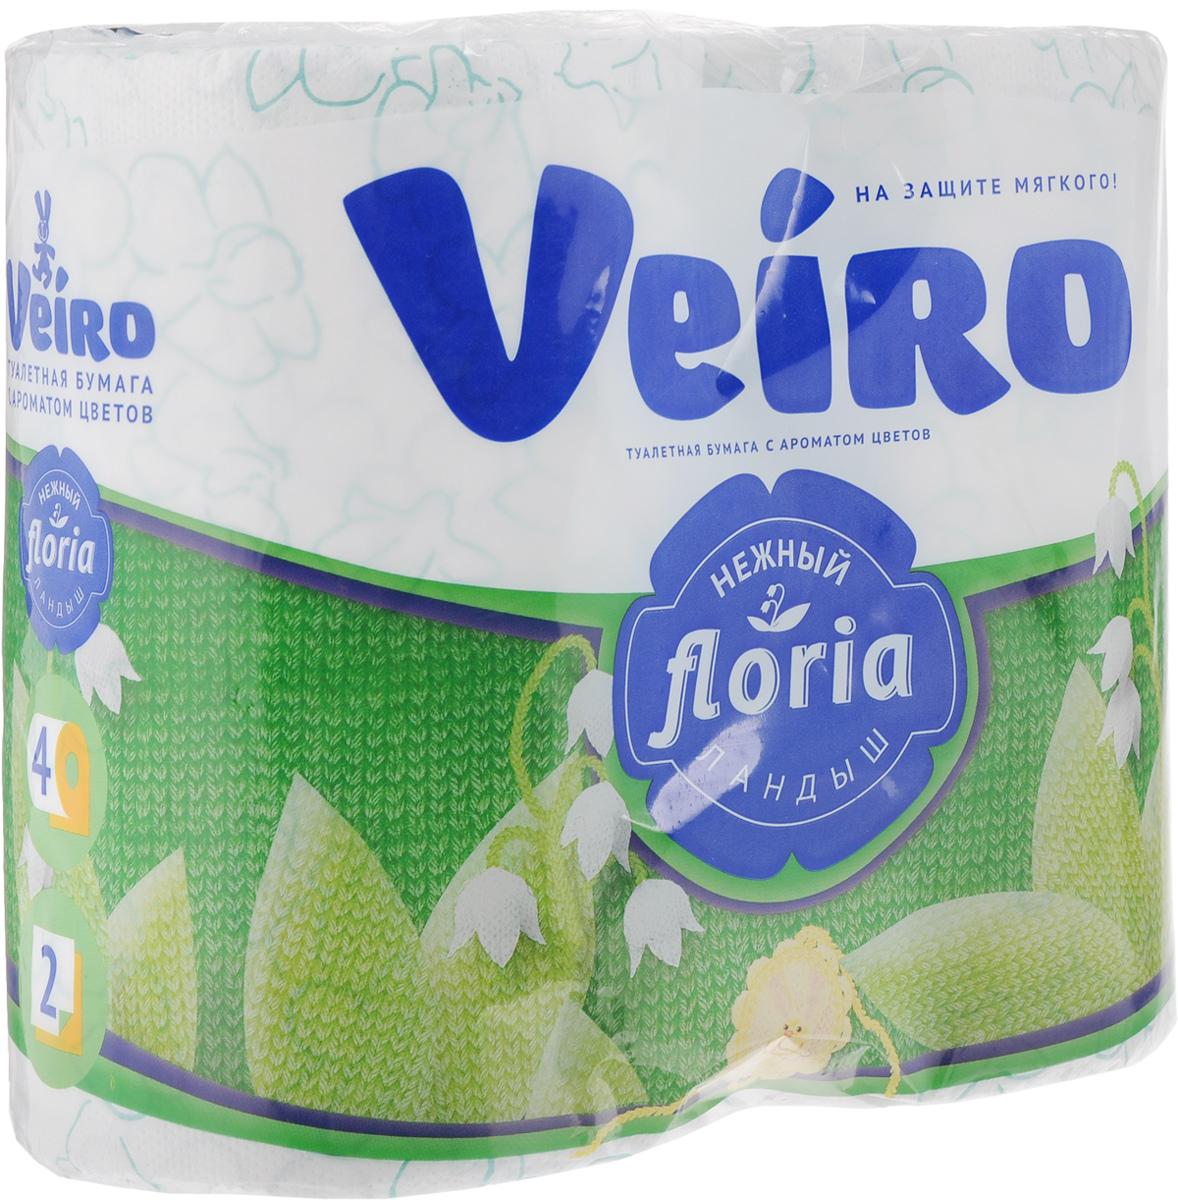 Туалетная бумага Veiro Floria. Нежный ландыш, двухслойная, ароматизированная, 4 рулона4С24А2Двухслойная туалетная бумага Veiro Floria. Нежный ландыш изготовлена по новейшейтехнологии из облагороженной макулатуры, благодаря чему она имеет тонкий аромат, оченьмягкая, нежная, но в тоже время прочная. Перфорация надежно скрепляет слои бумаги.Туалетная бумага Veiro сочетает в себе простоту и оригинальность.Состав: 100% облагороженная макулатура.Количество слоев: 2. Размер листа: 12,5 х 9,1 см. Длина рулона: 21,9 м. Количество рулонов: 4 шт.